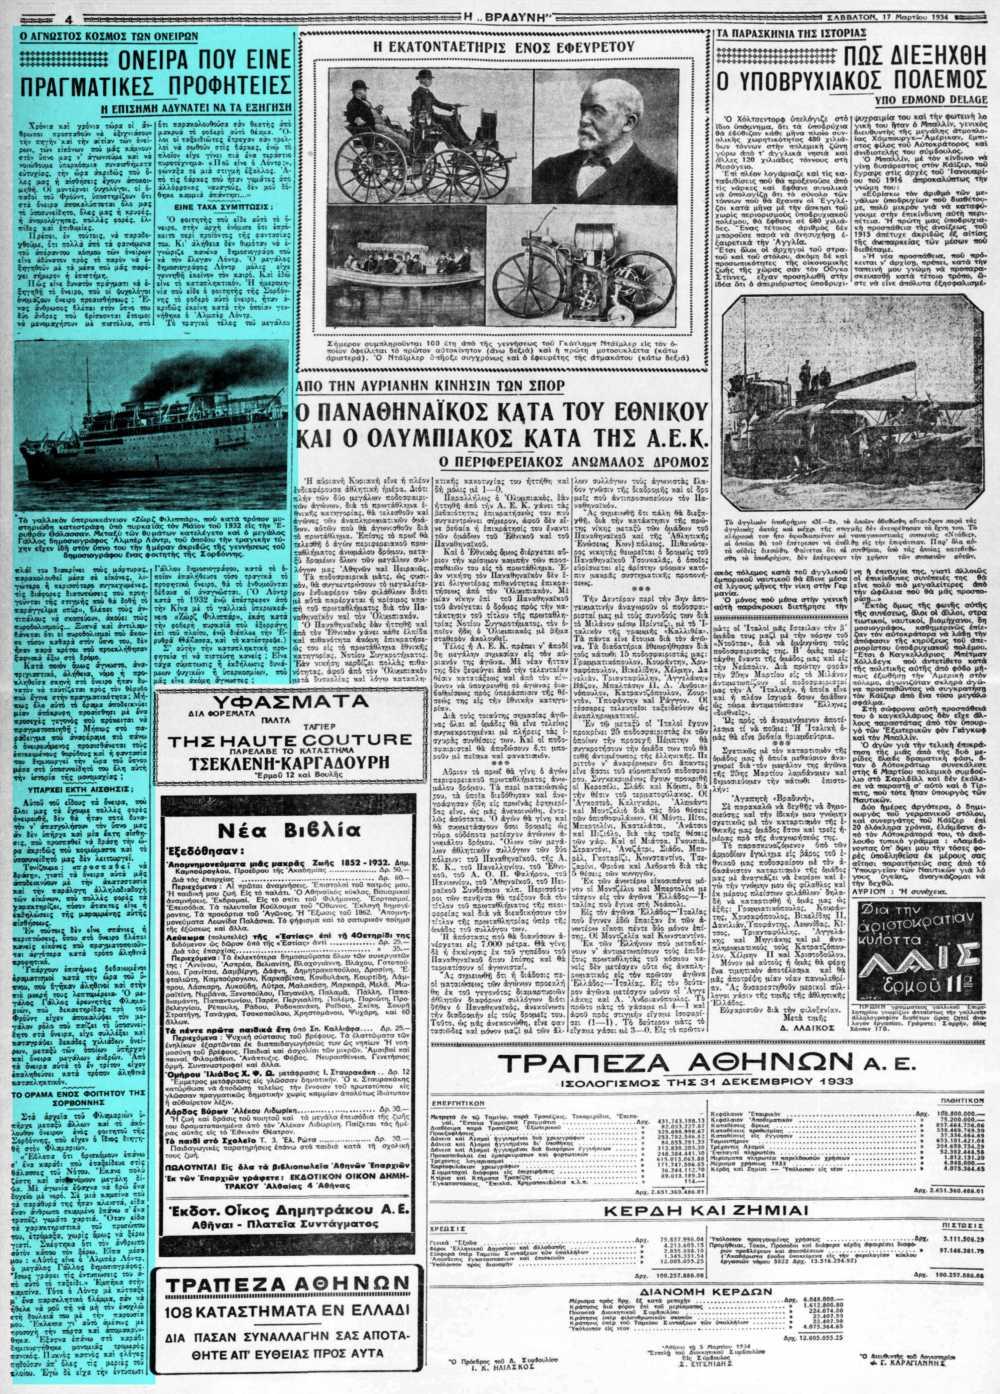 """Το άρθρο, όπως δημοσιεύθηκε στην εφημερίδα """"Η ΒΡΑΔΥΝΗ"""", στις 17/03/1934"""